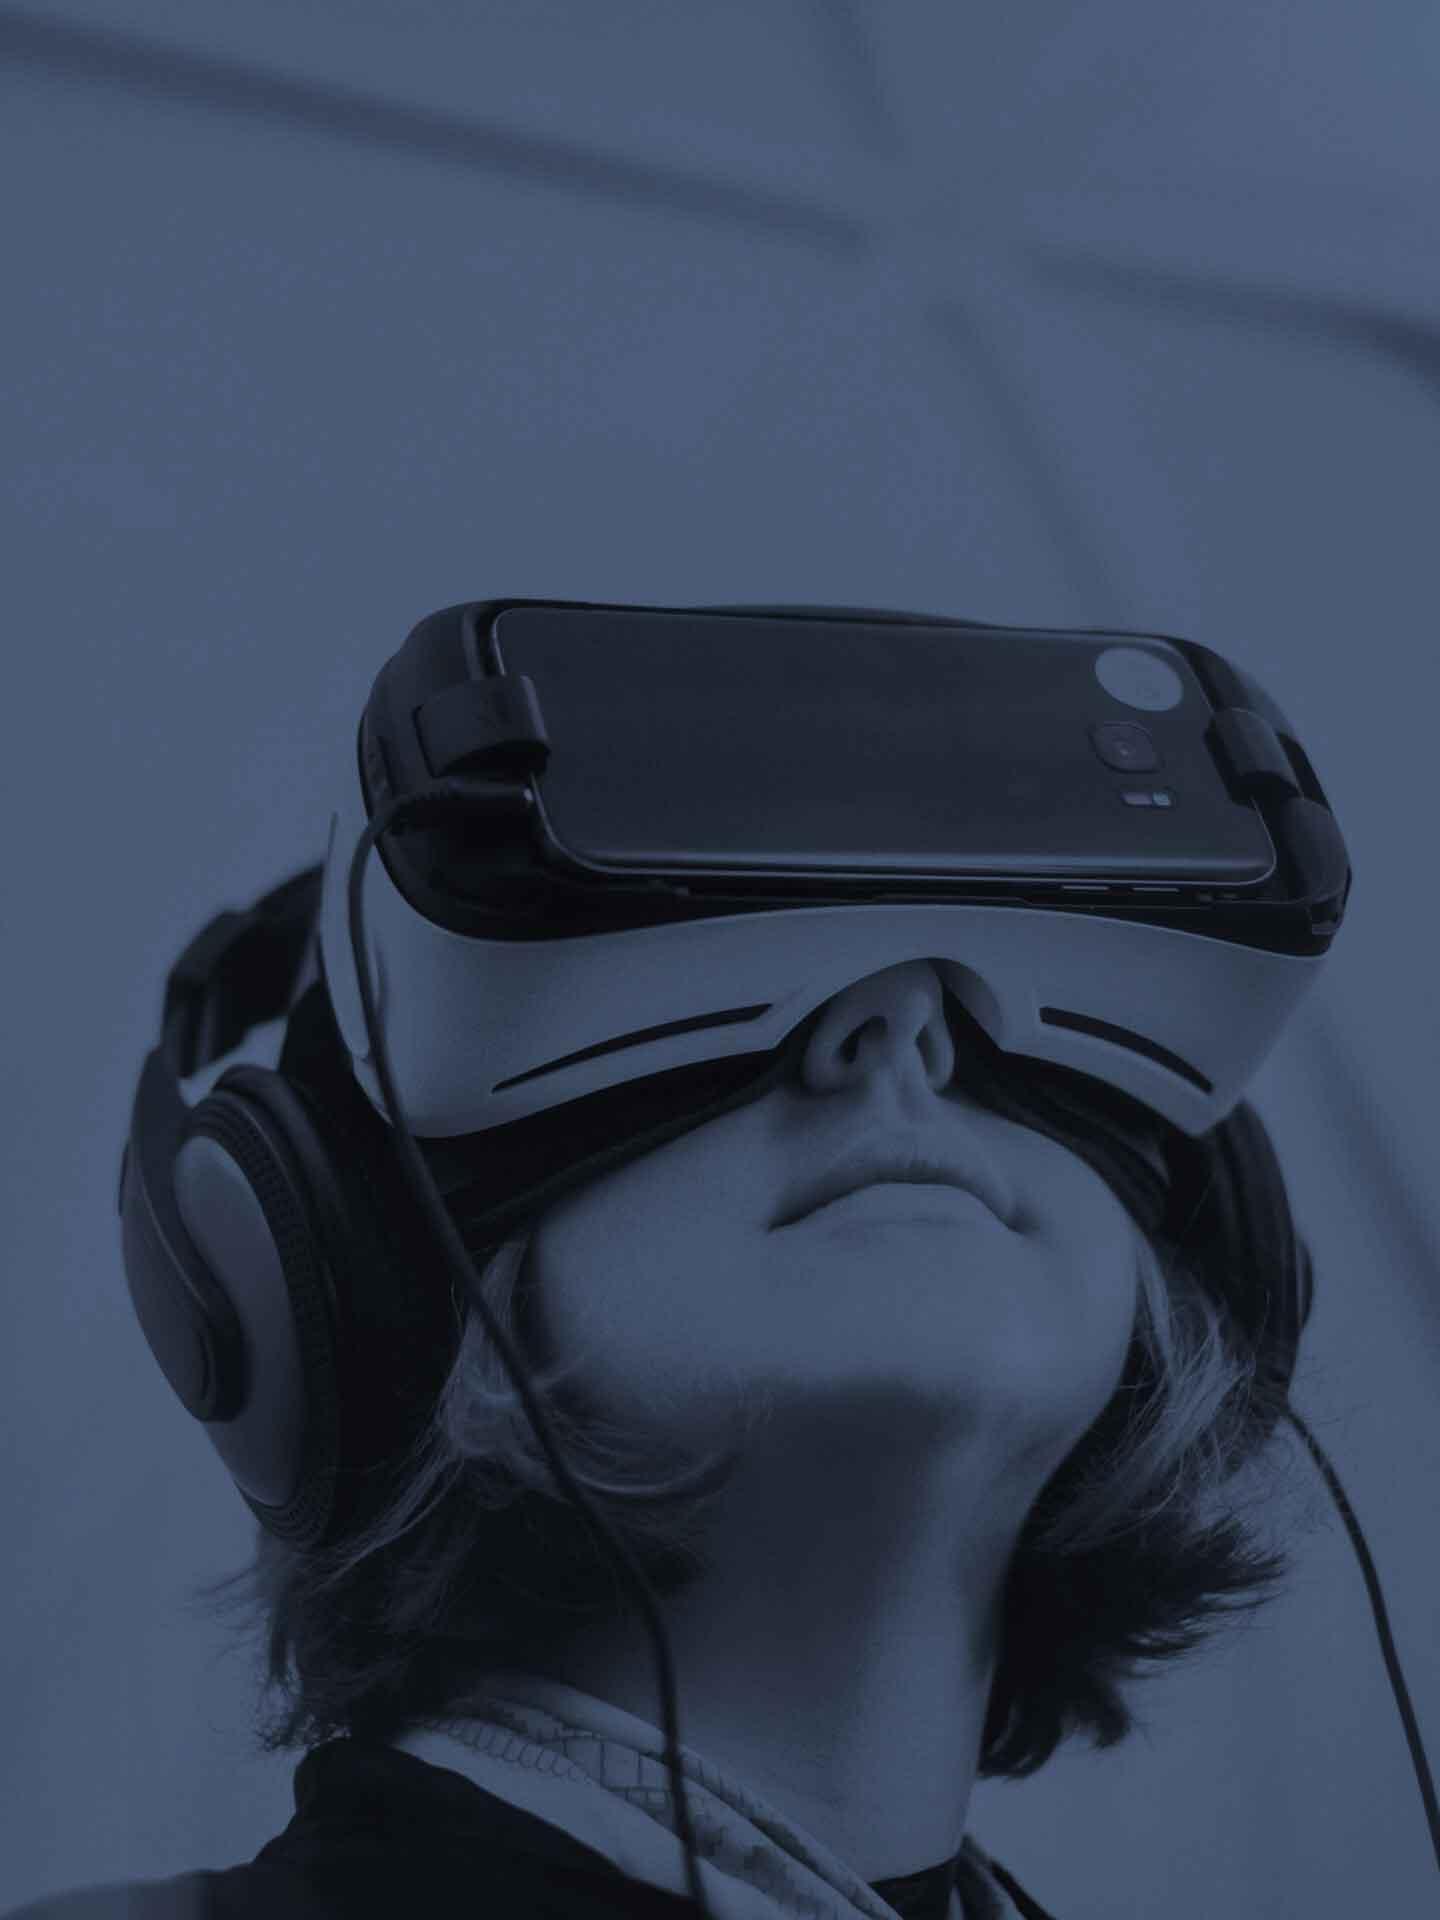 Chica con lentes Oculus Rift vr handset